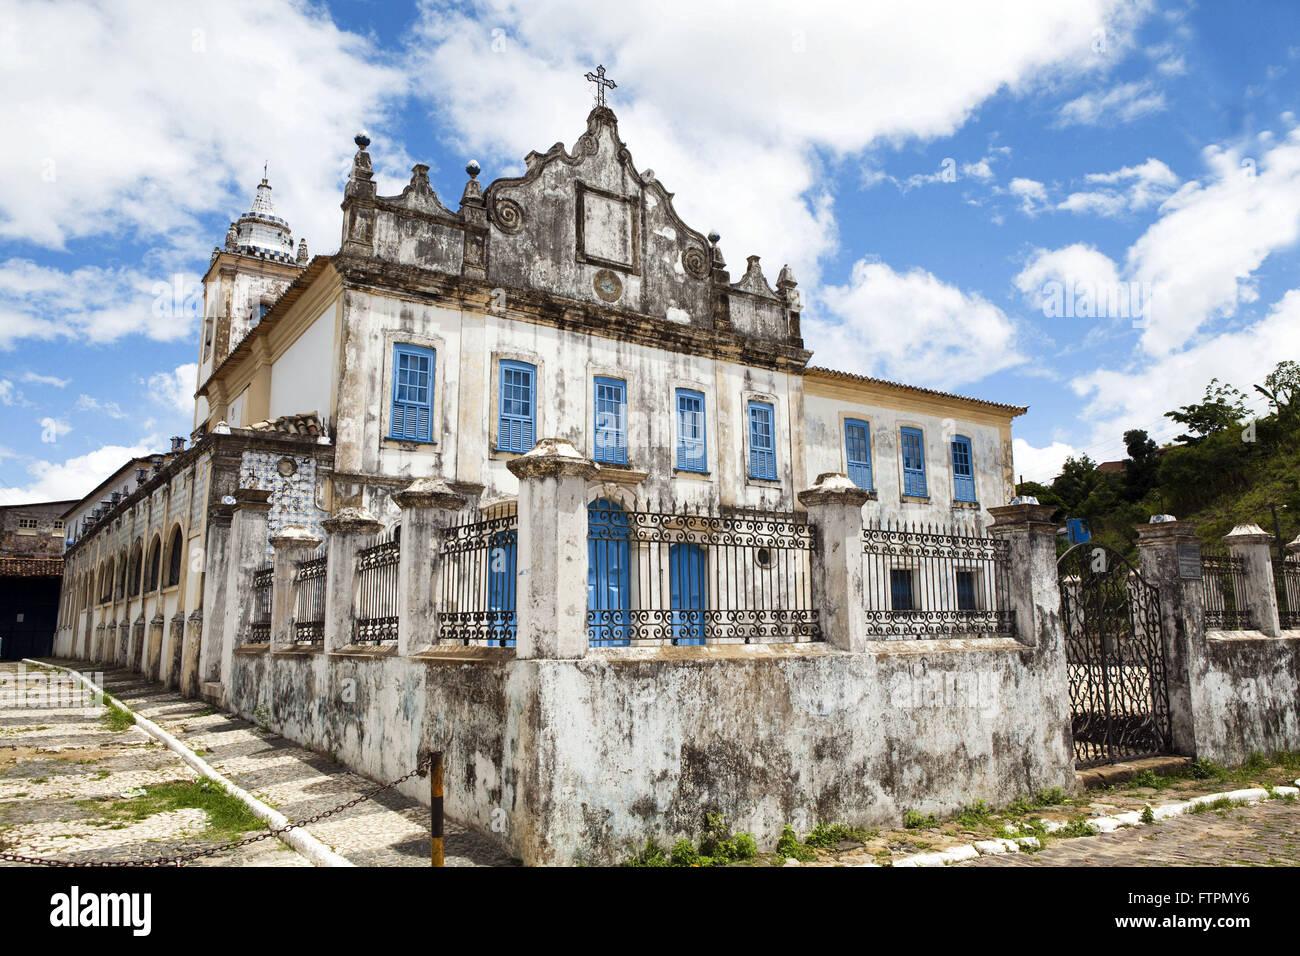 Convento de Nuestra Señora del Reconcavo Baiano humilde Imagen De Stock